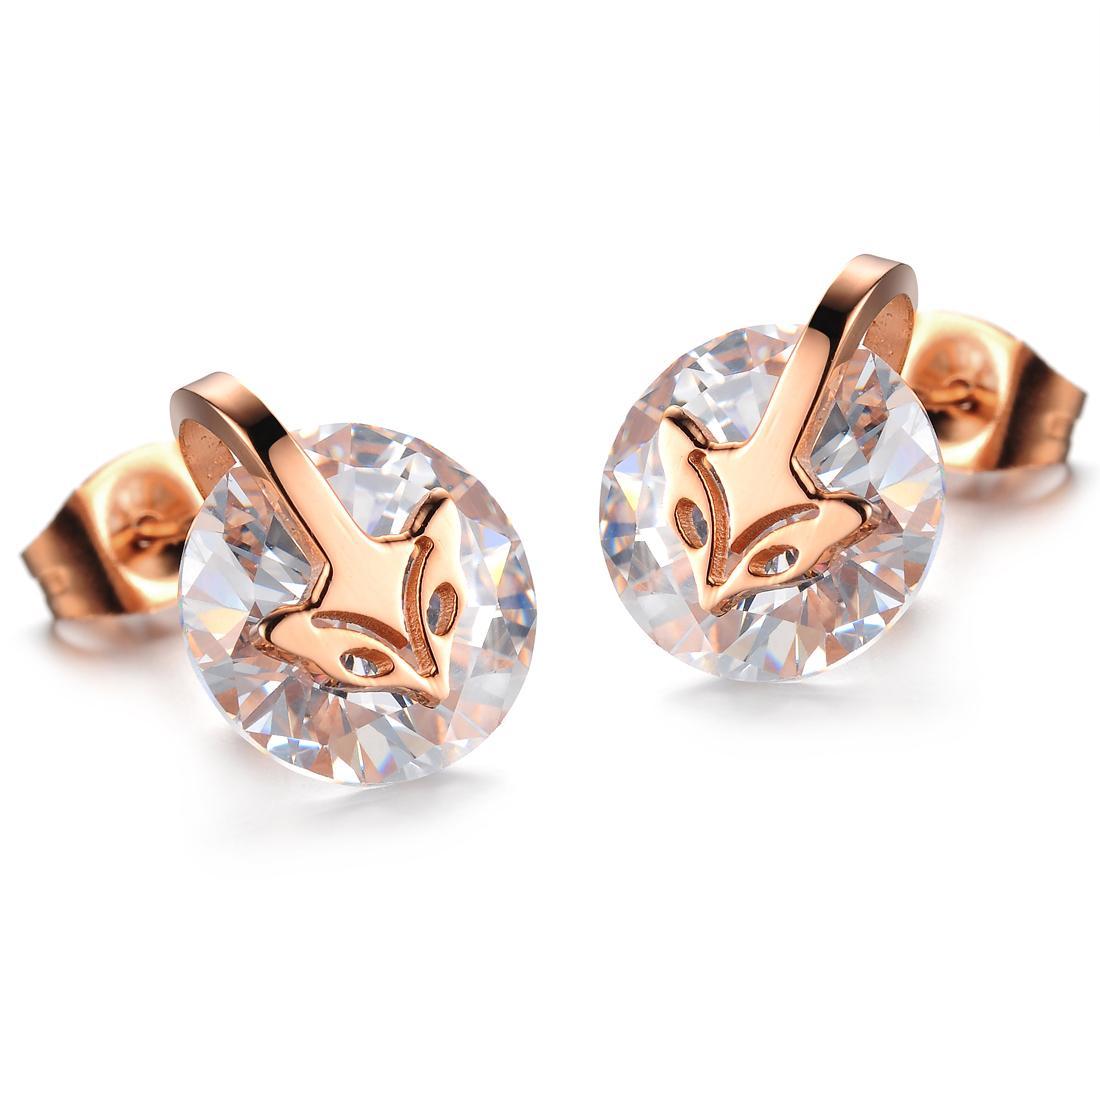 البيع المباشر جديد الأزياء والمجوهرات بالجملة ارتفع الماس الثعلب رئيس الزركونيوم التيتانيوم الصلب أقراط الذهب مطلي N265